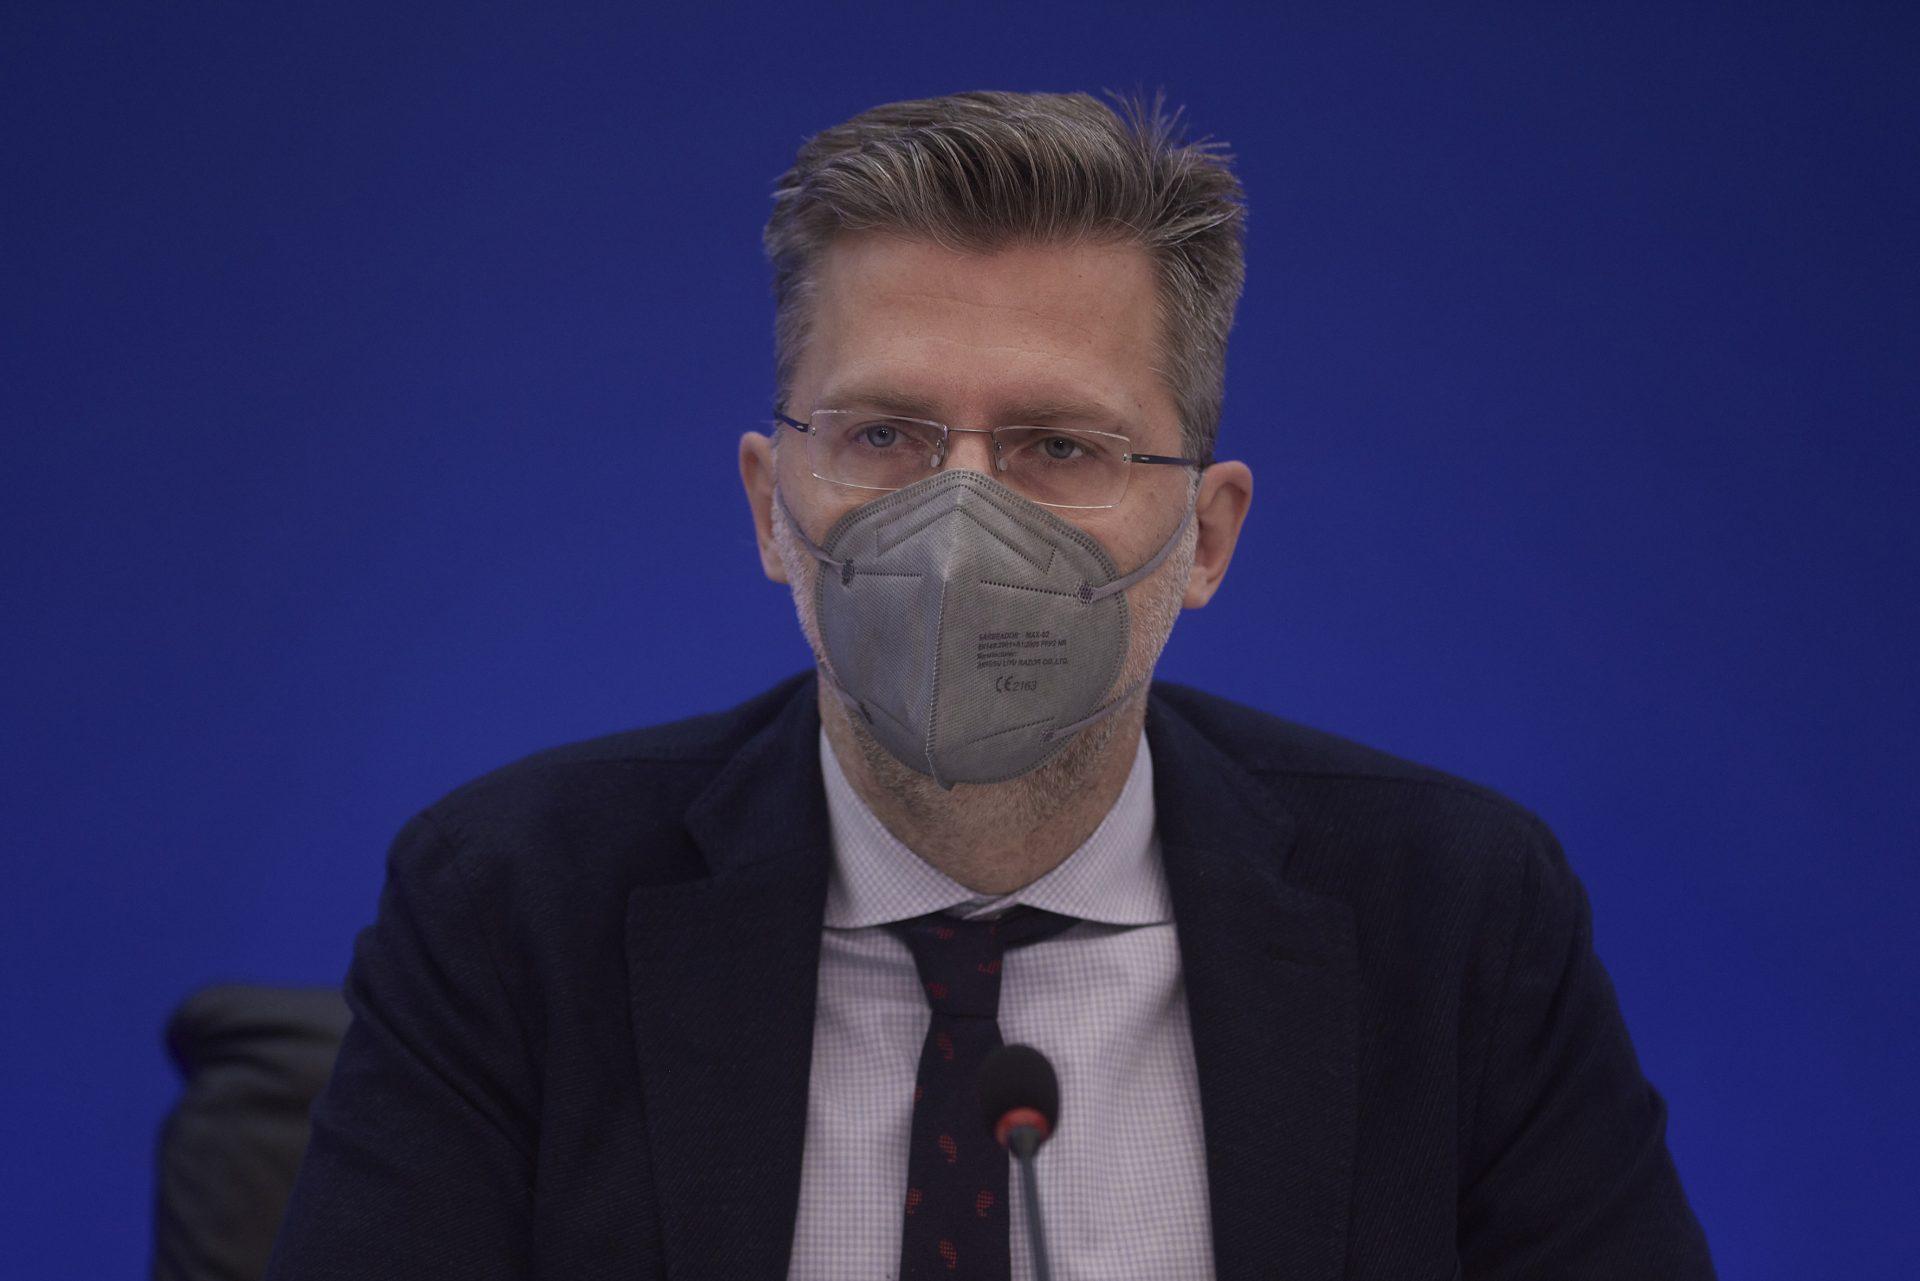 Σκέρτσος για τη Δημόσια Υγεία: Αυτή είναι η βάση συζήτησης – Κάποιοι ψάχνουν νέους διχασμούς